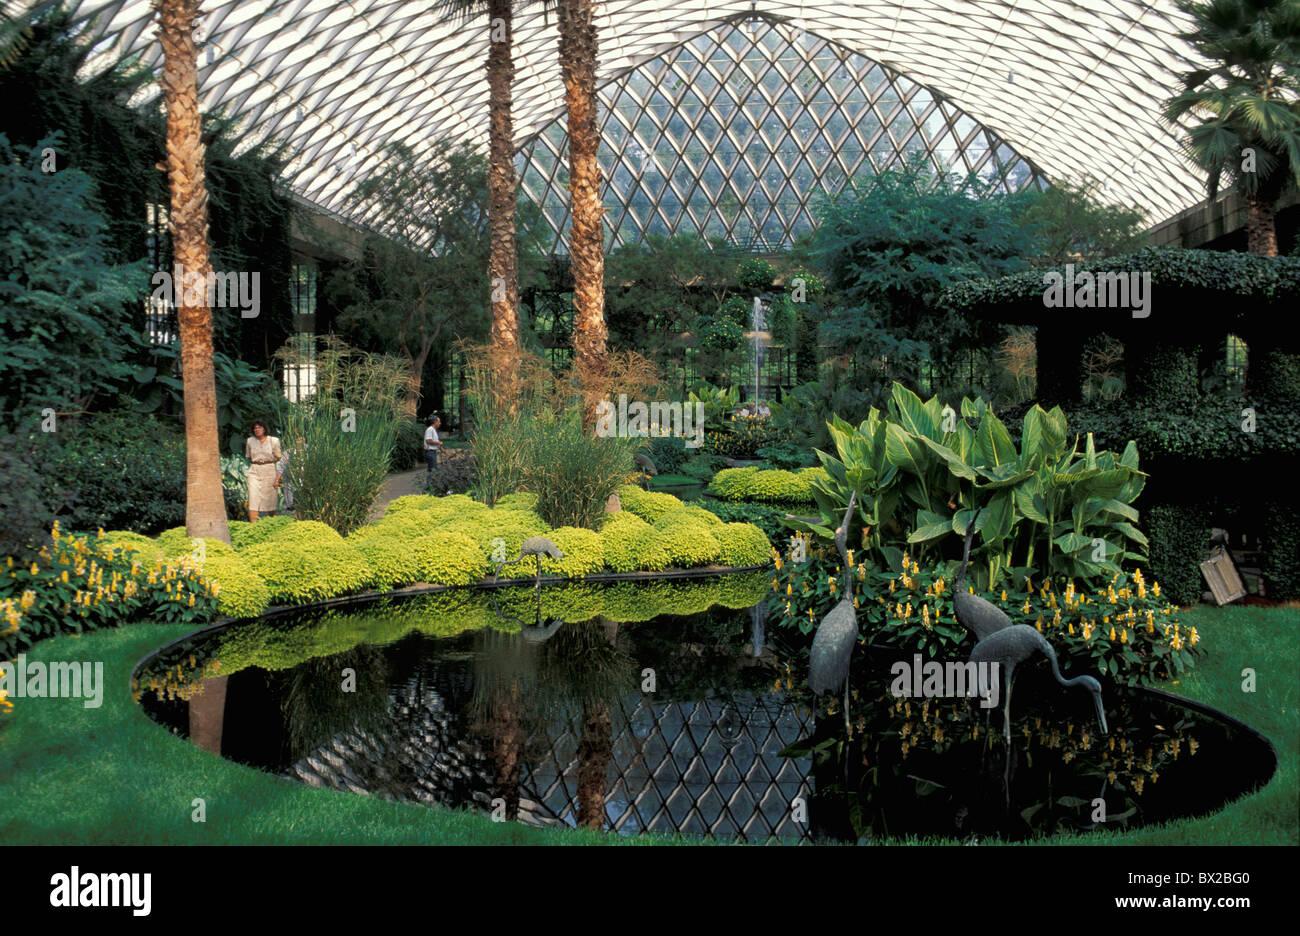 Botanischer garten halle halle im inneren teich pflanzen gew chshaus longwood g rten wissen - Gewachshaus garten ...